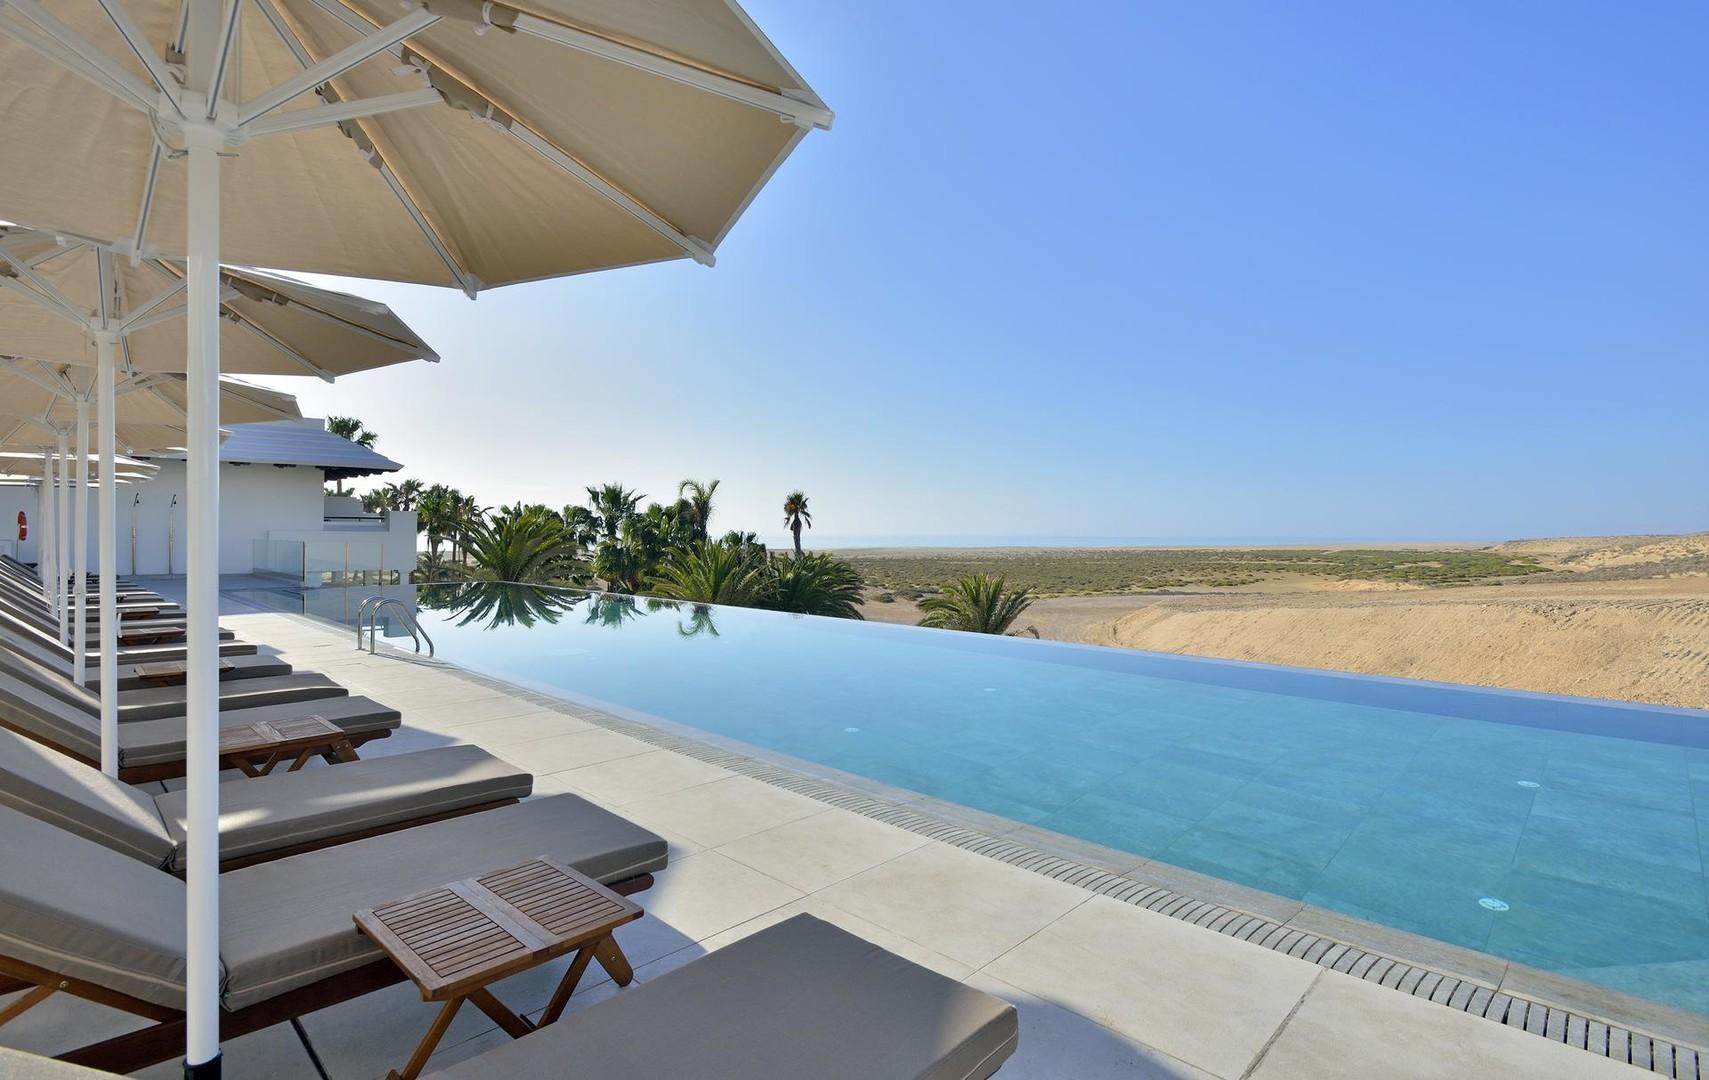 Hotel Sol Beach House #2